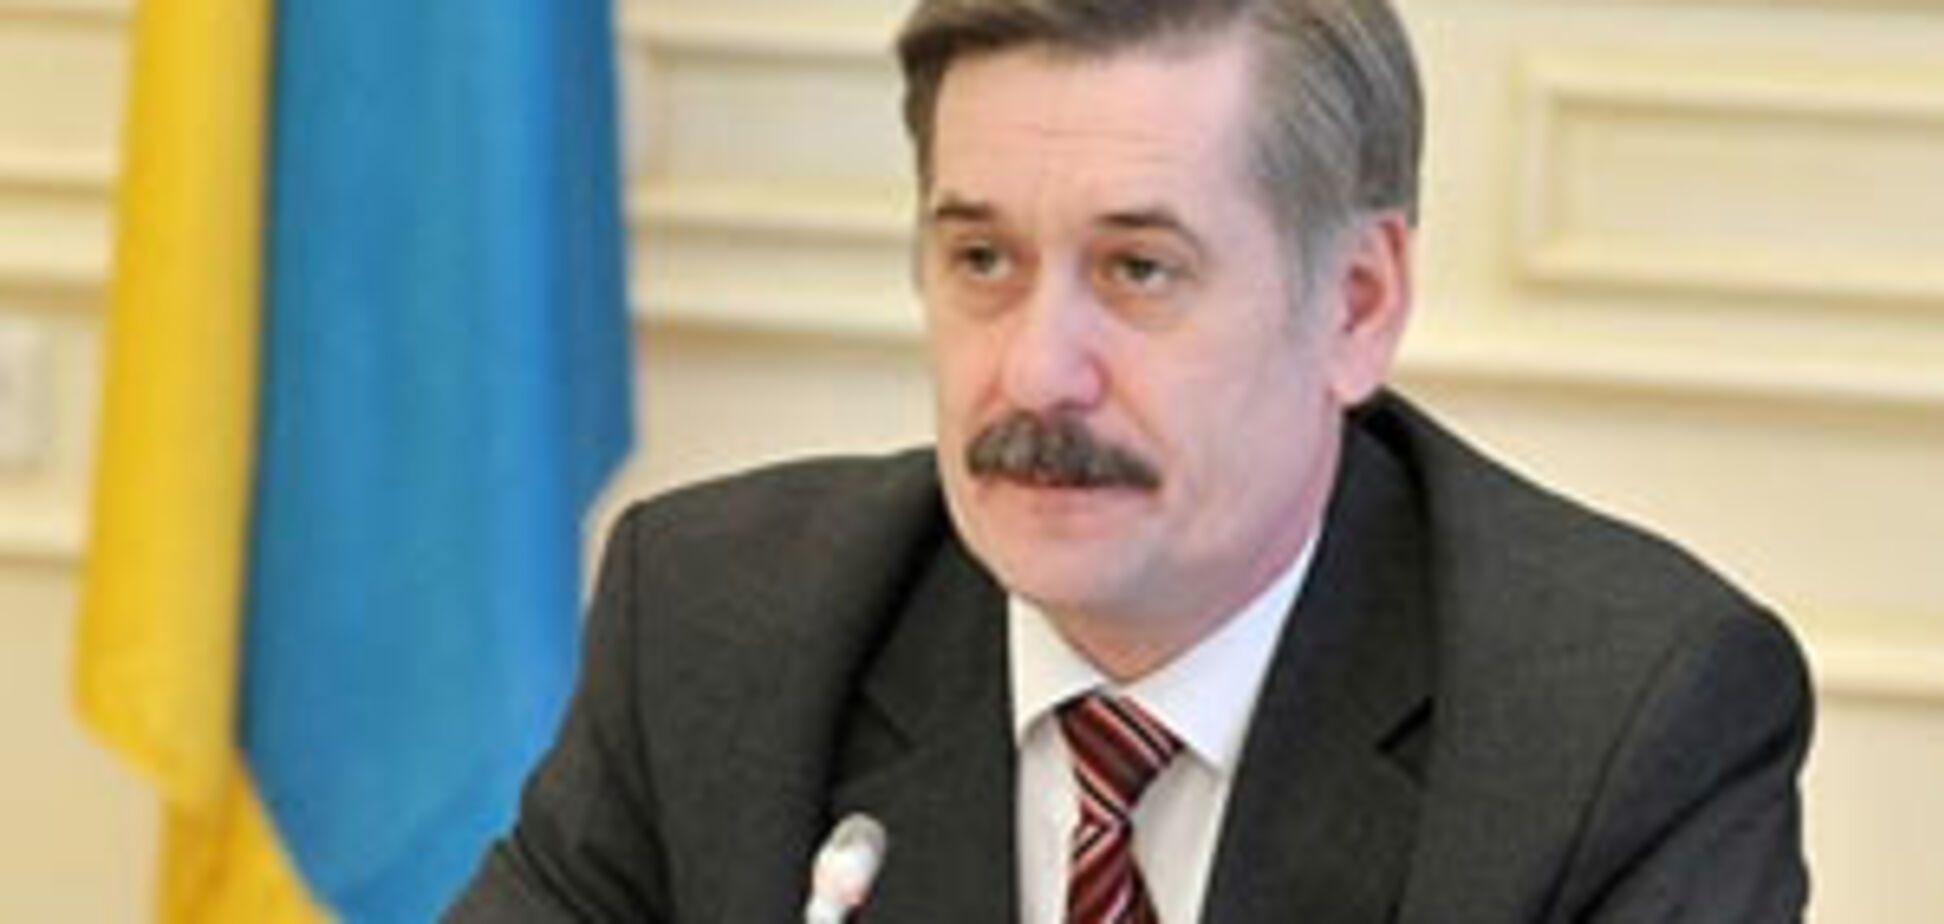 Вместо подорожания проезда 'Укрзалізниця' должна начать борьбу с коррупцией внутри – 'Наш край'